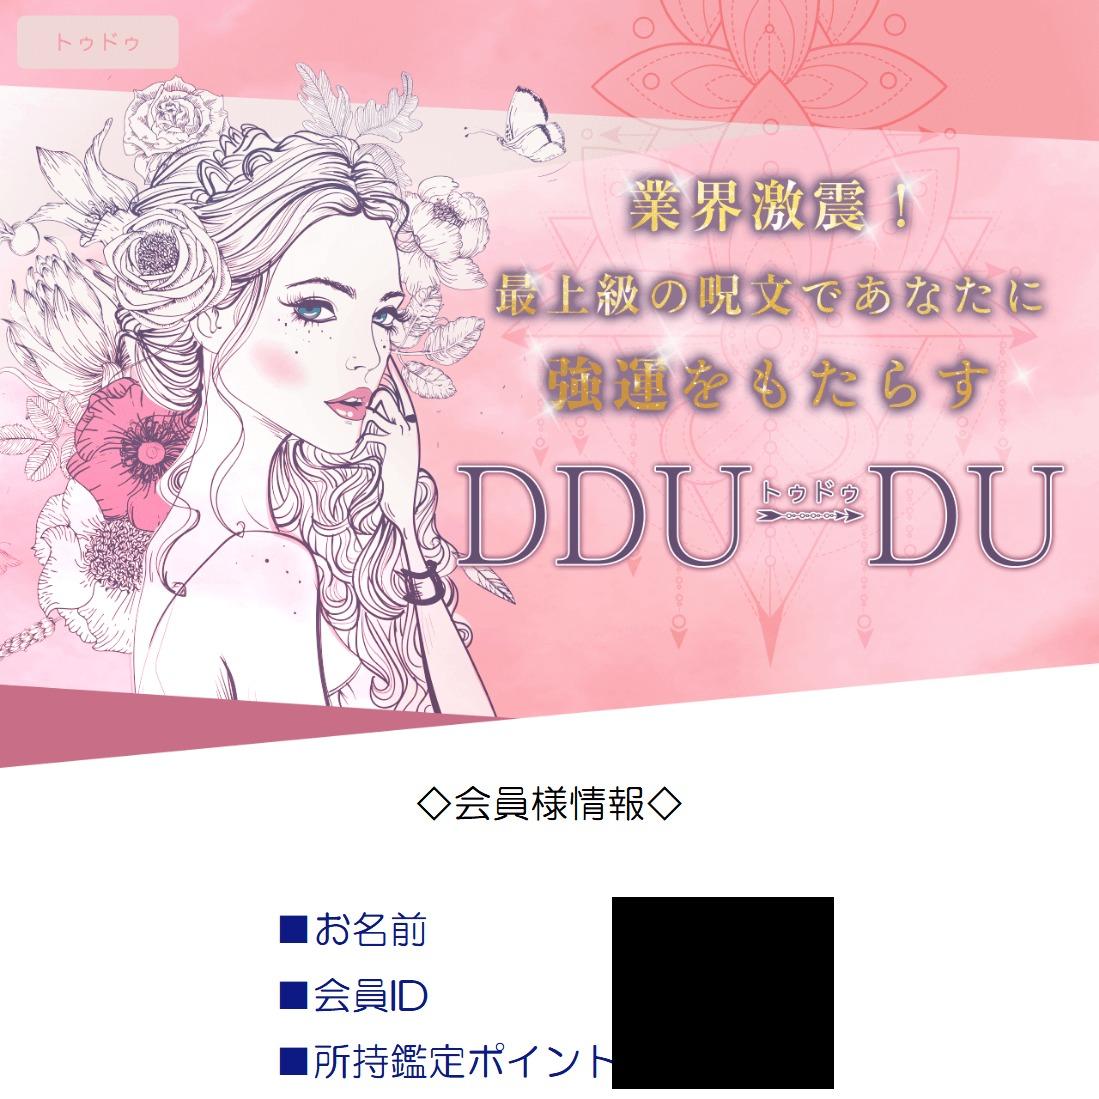 【トゥドゥ(DDU-DU)】の被害報告